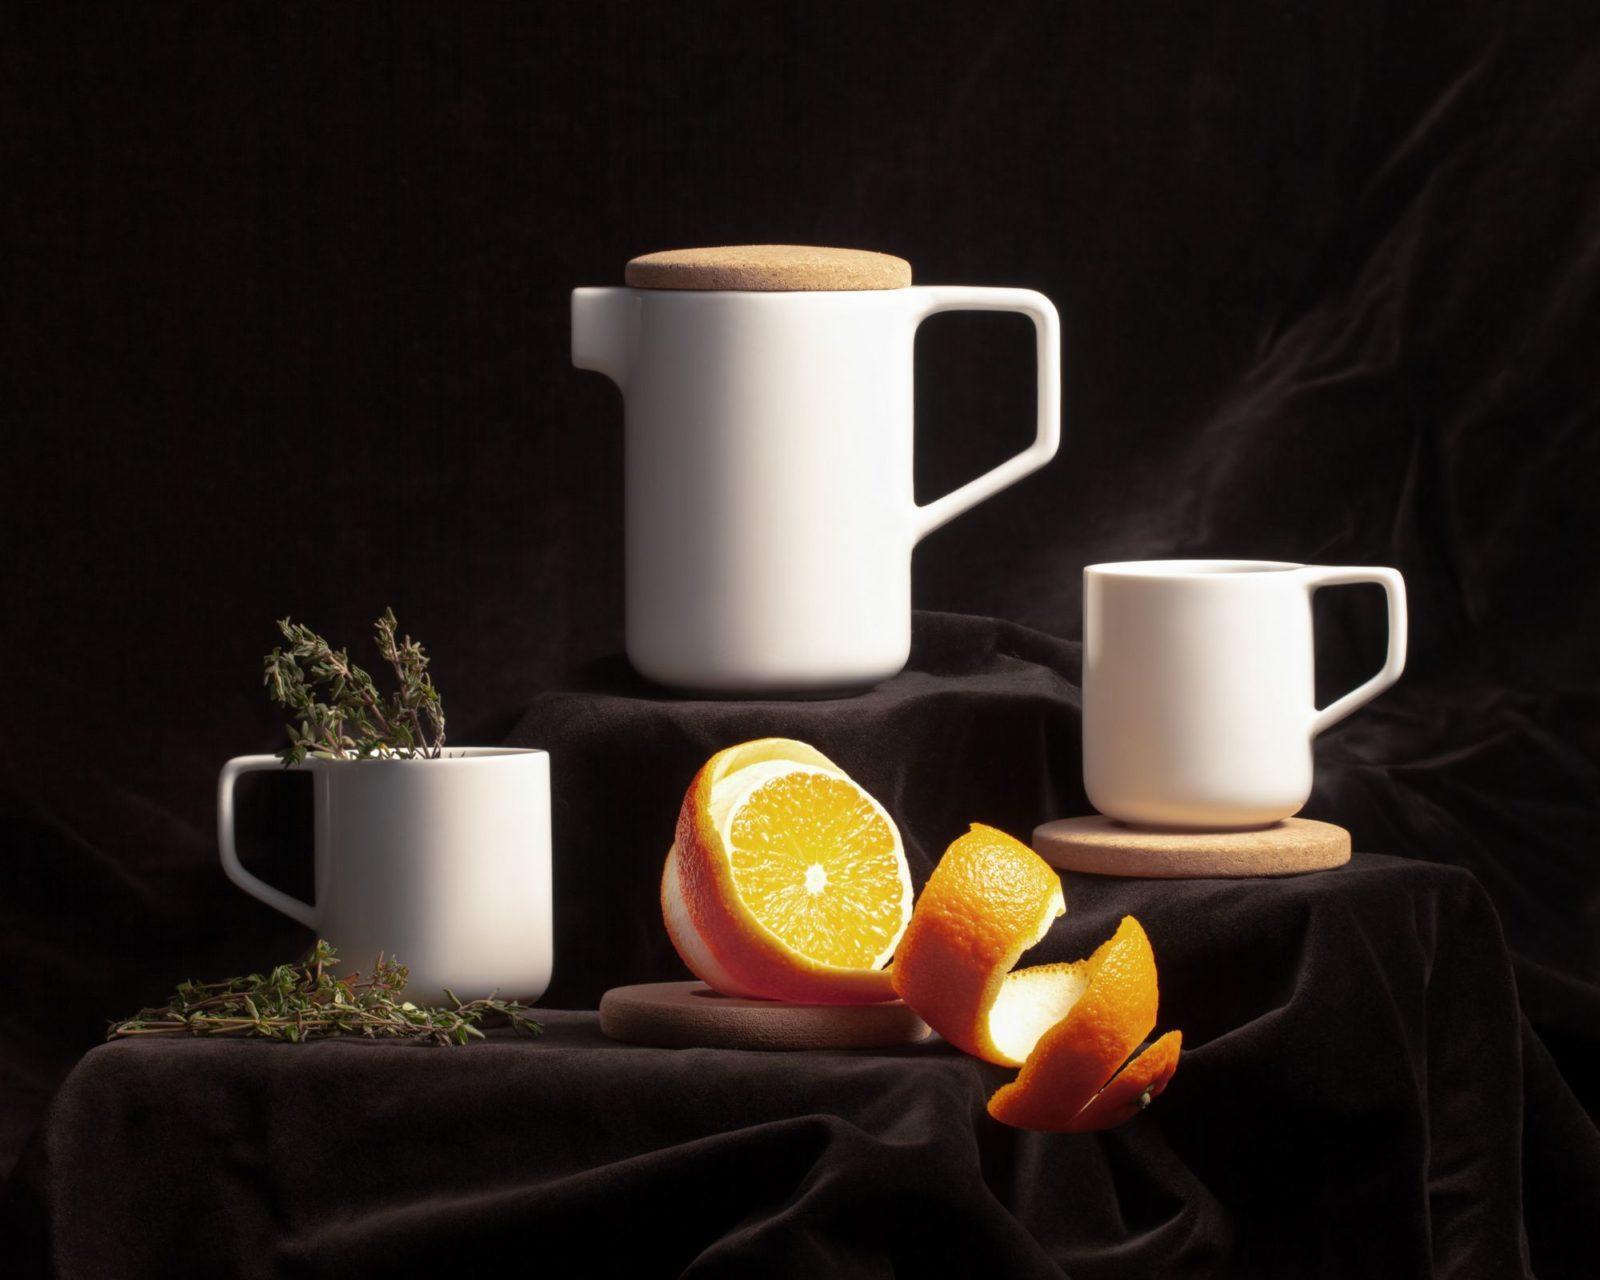 Подарочные наборы посуды - изображение